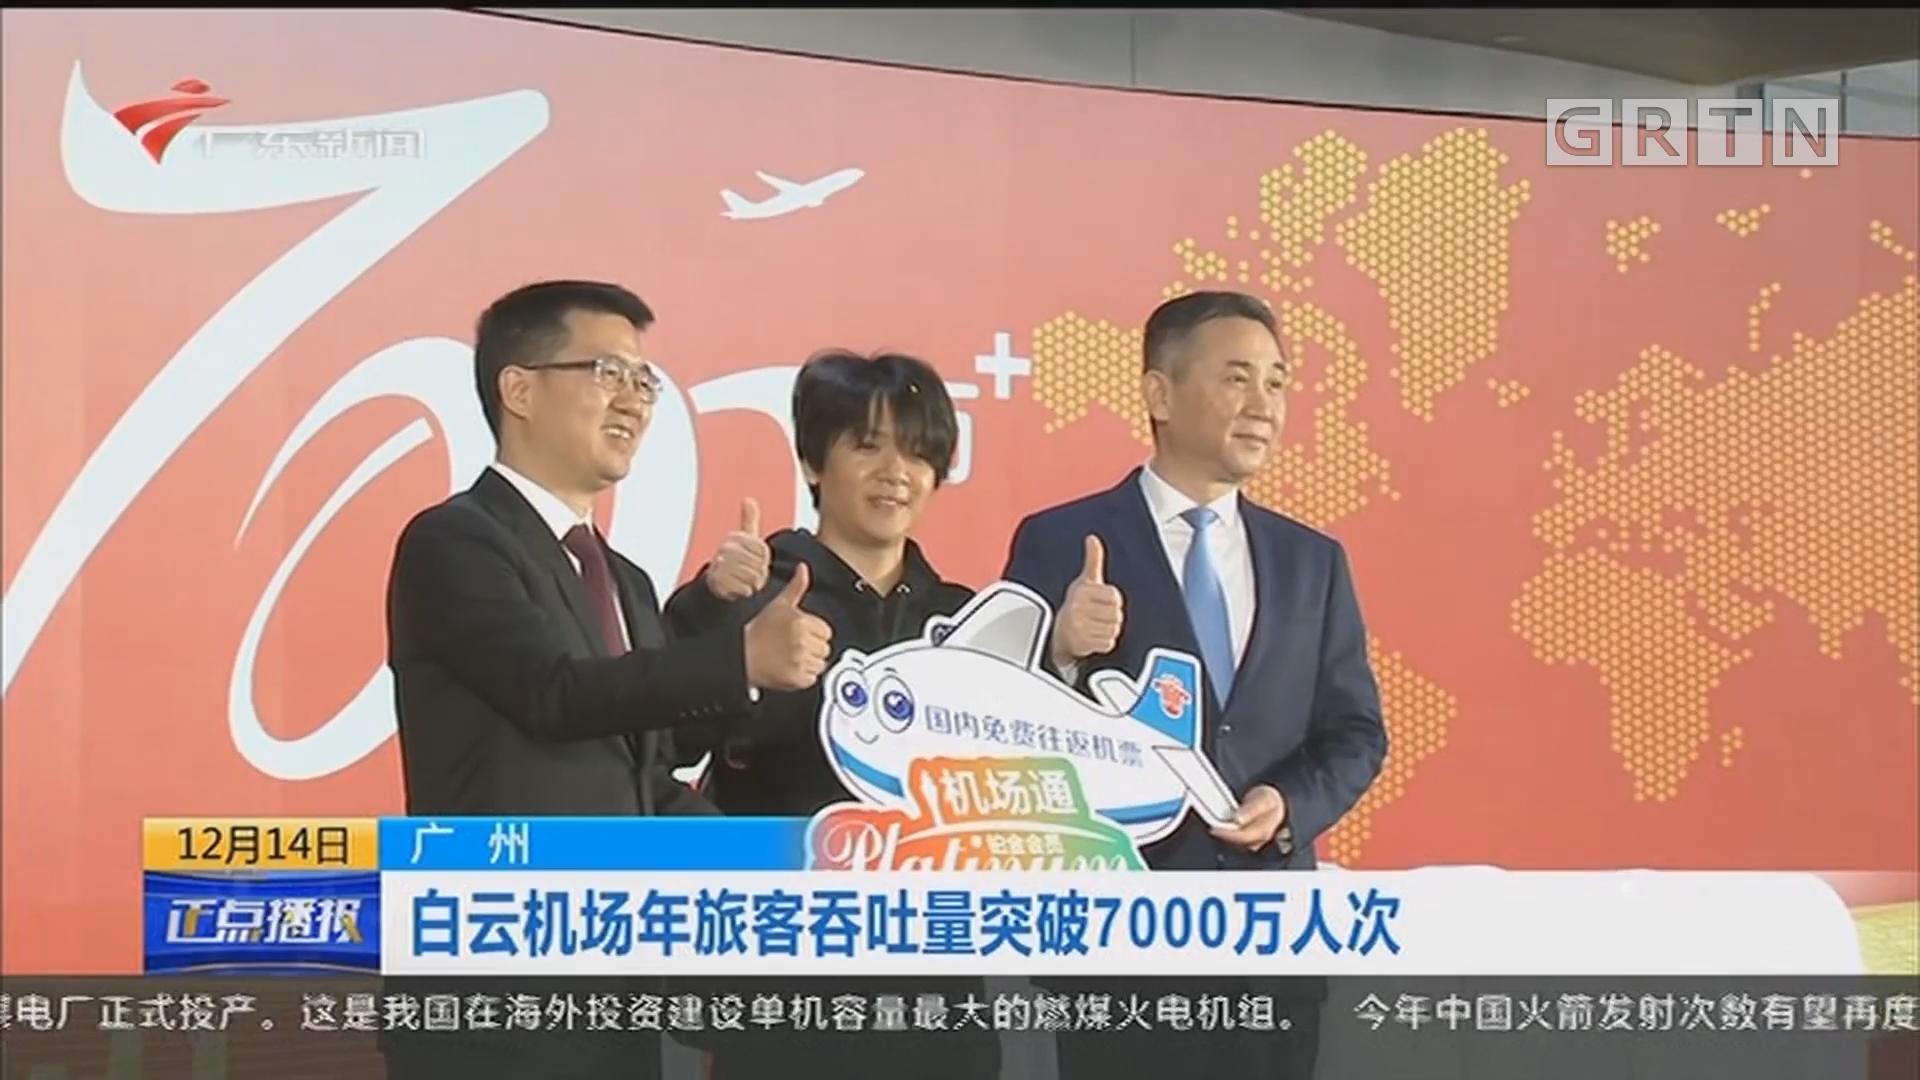 广州 白云机场年旅客吞吐量突破7000万人次